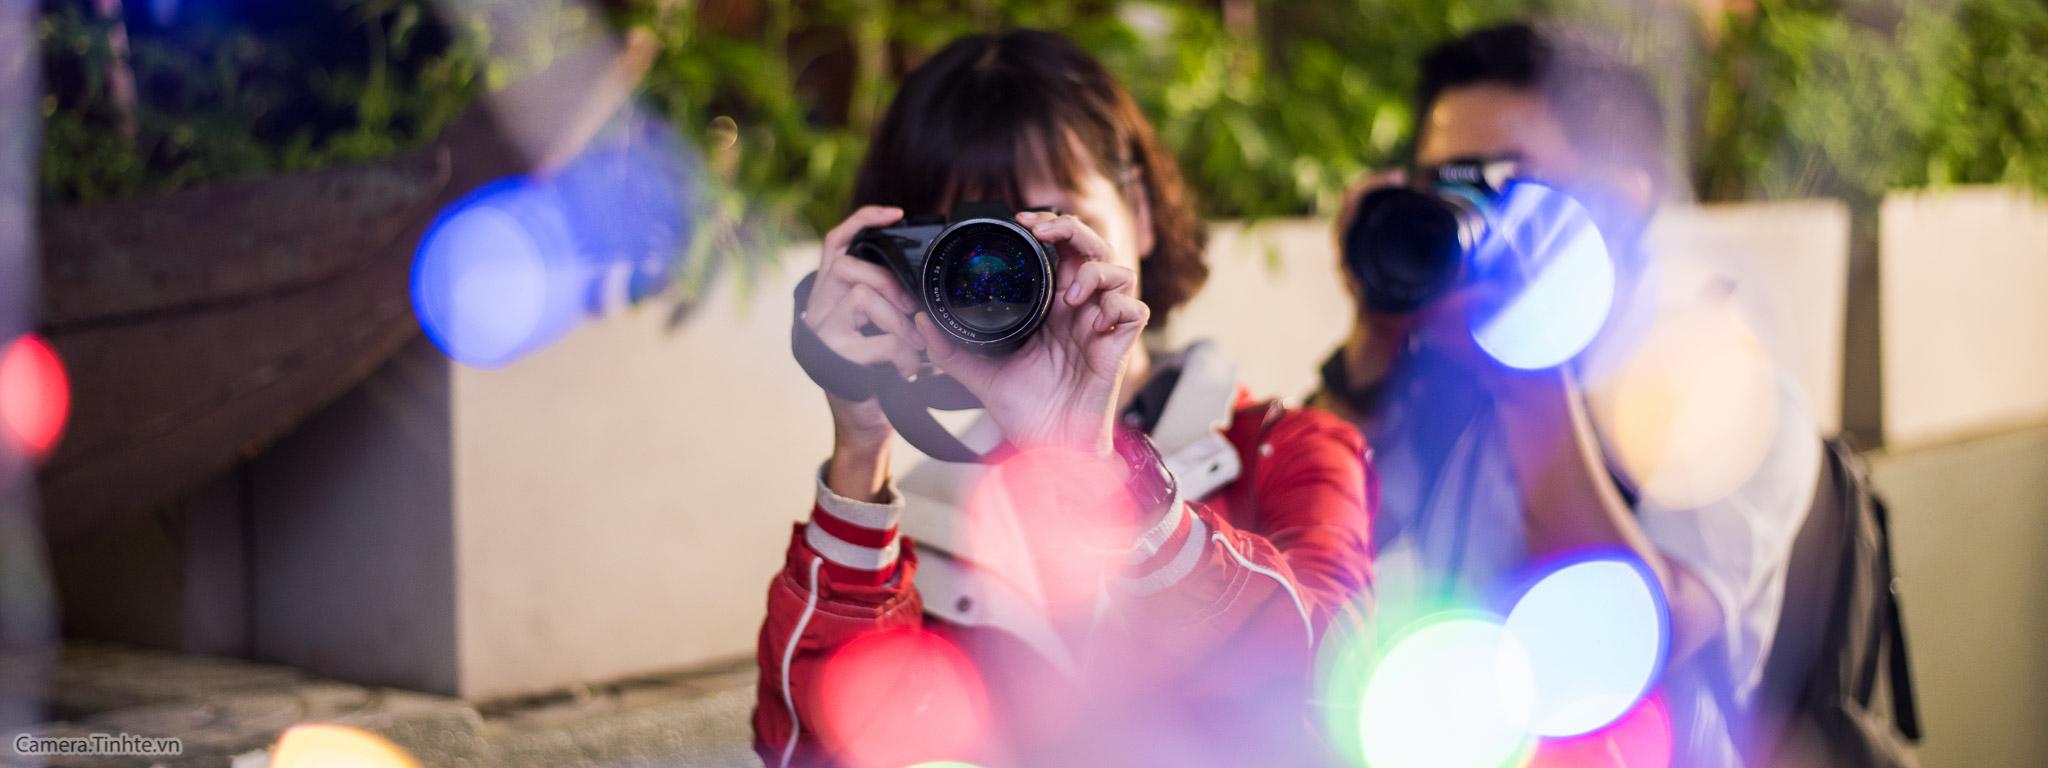 Camera-Tinhte_offline Bokeh_DSC_9976.jpg